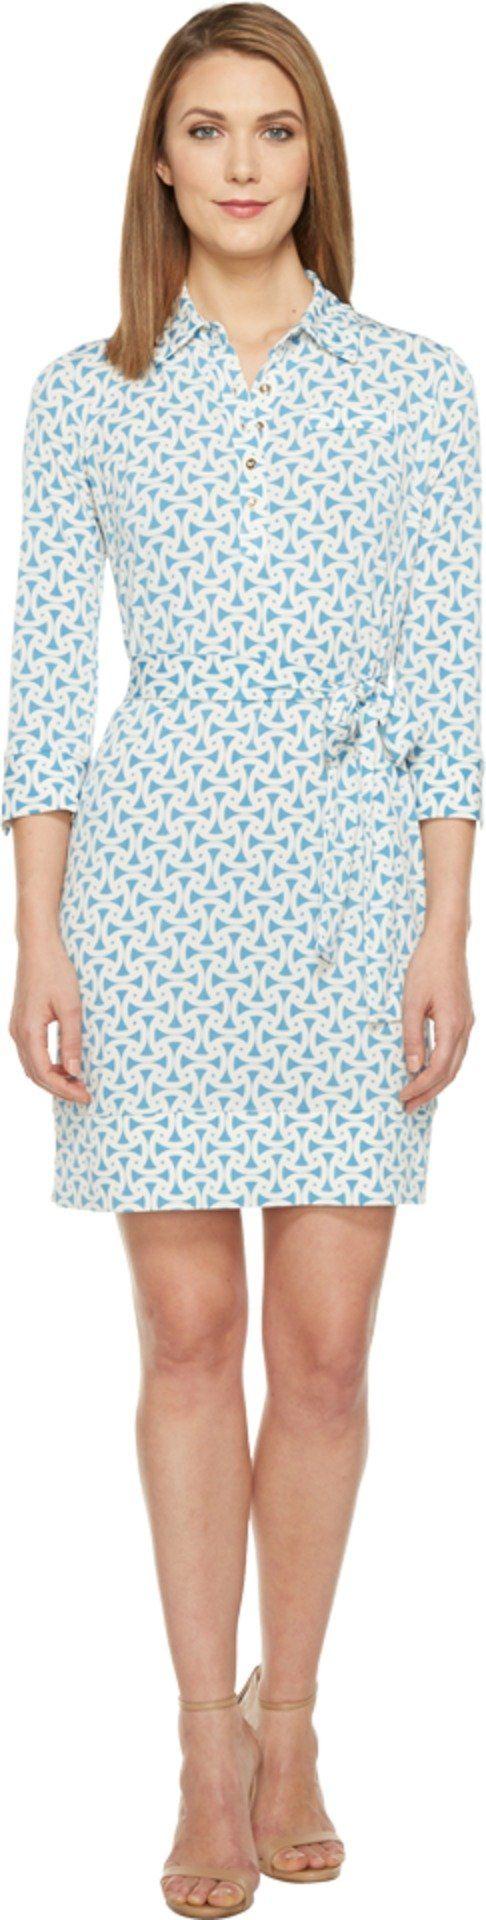 Donna Morgan Women's 3/4 Sleeve Jersey Shirtdress Star/Ivory Dress